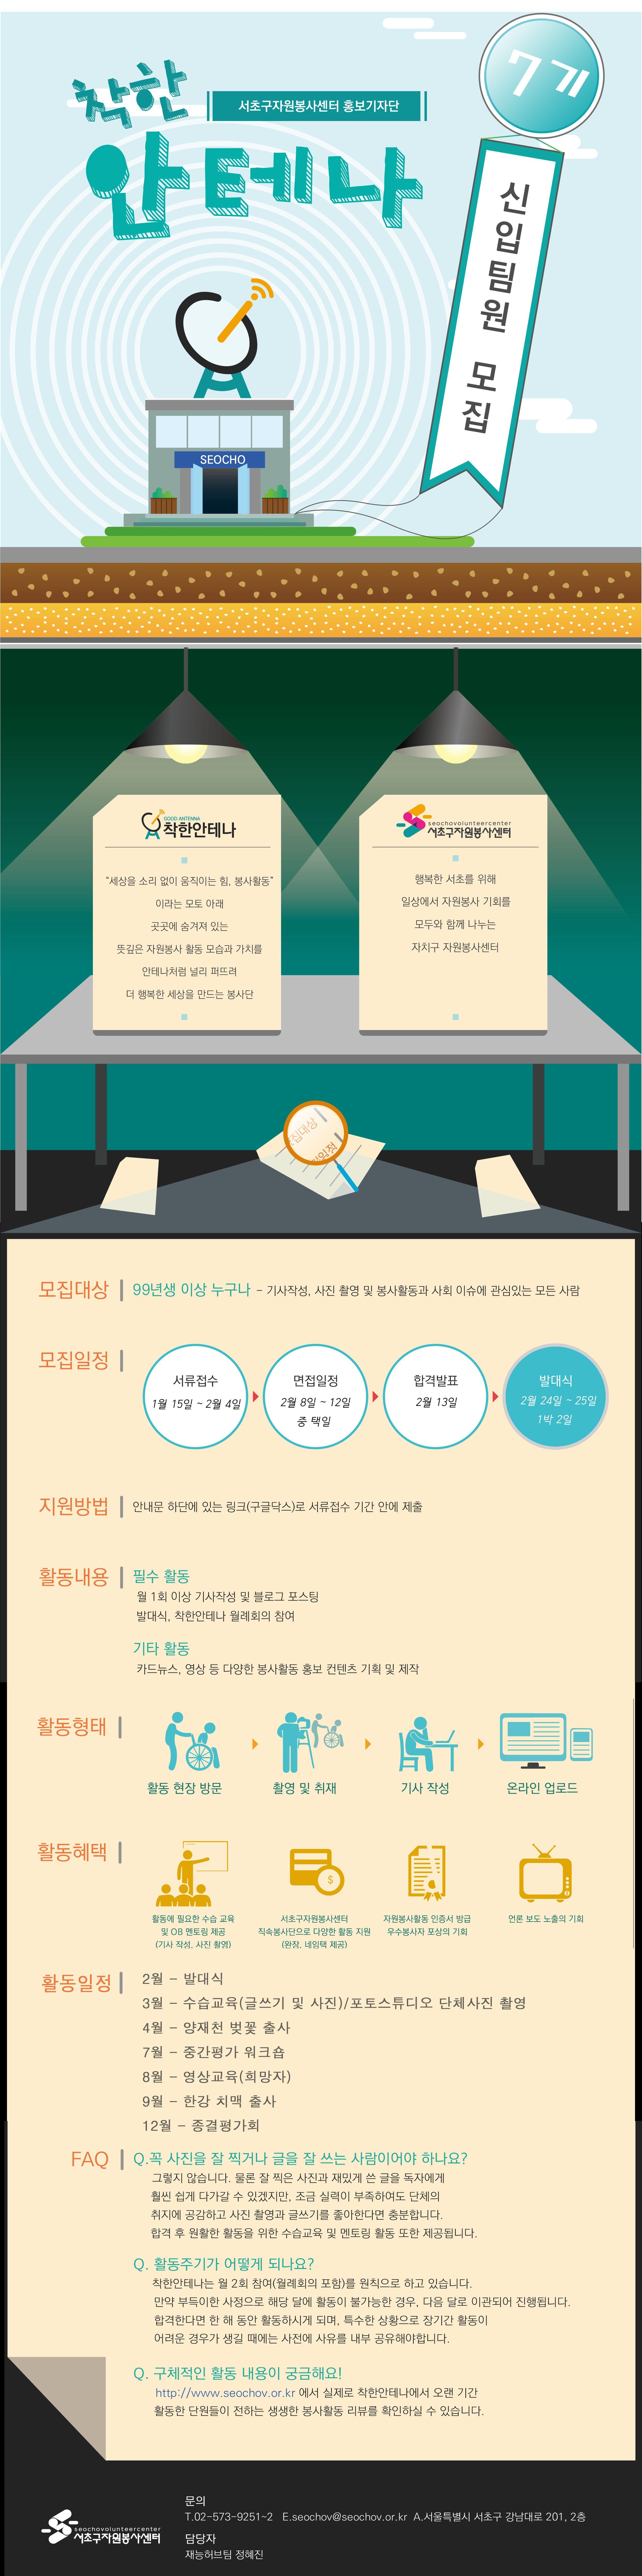 서초구자원봉사센터 홍보기자단 '착한안테나'